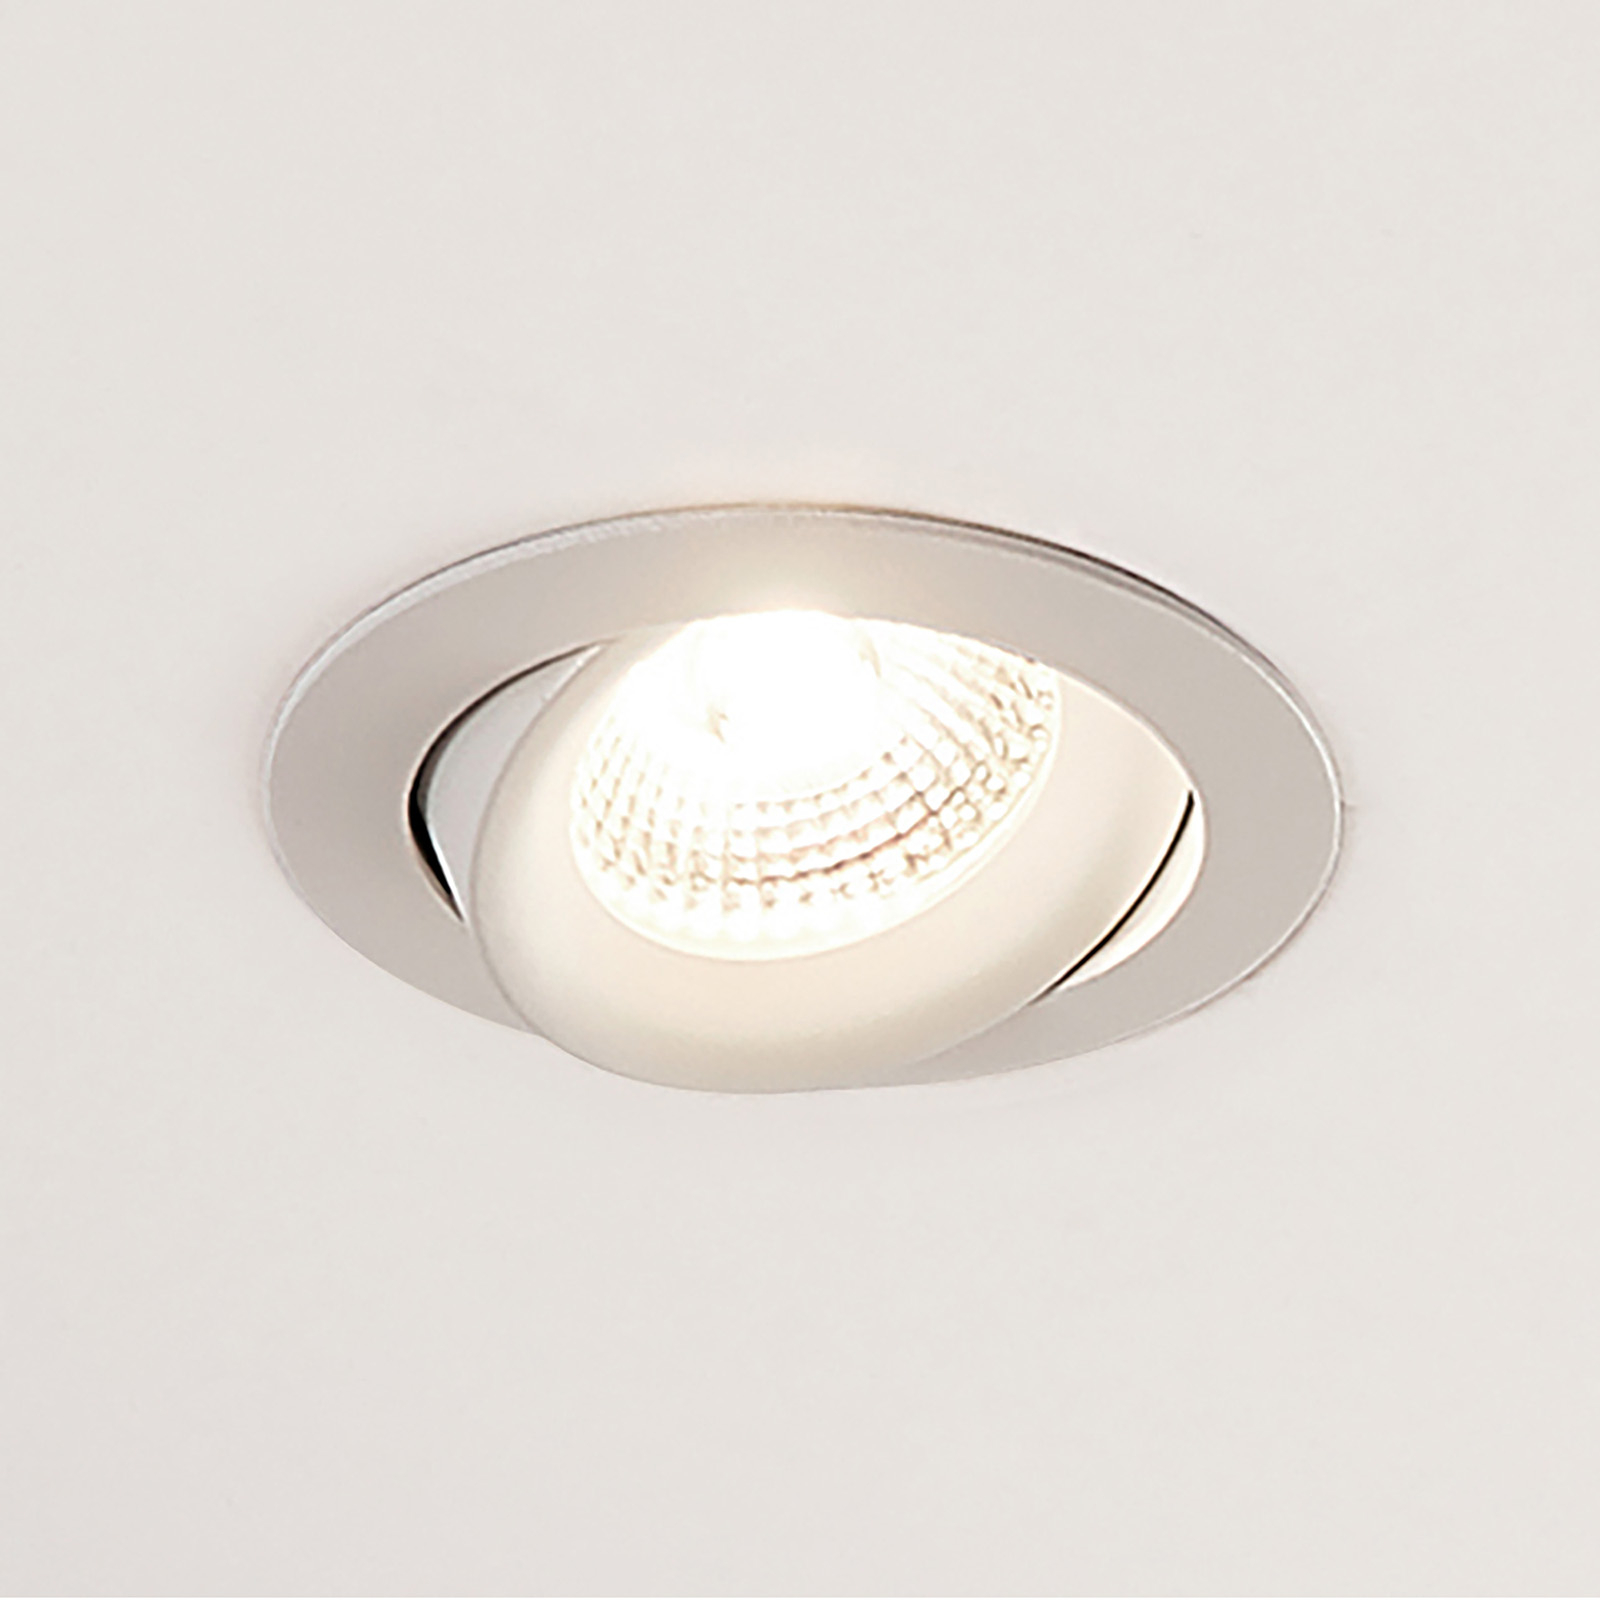 Arcchio Ozias - LED-kohdevalo, valkoinen, 6 W